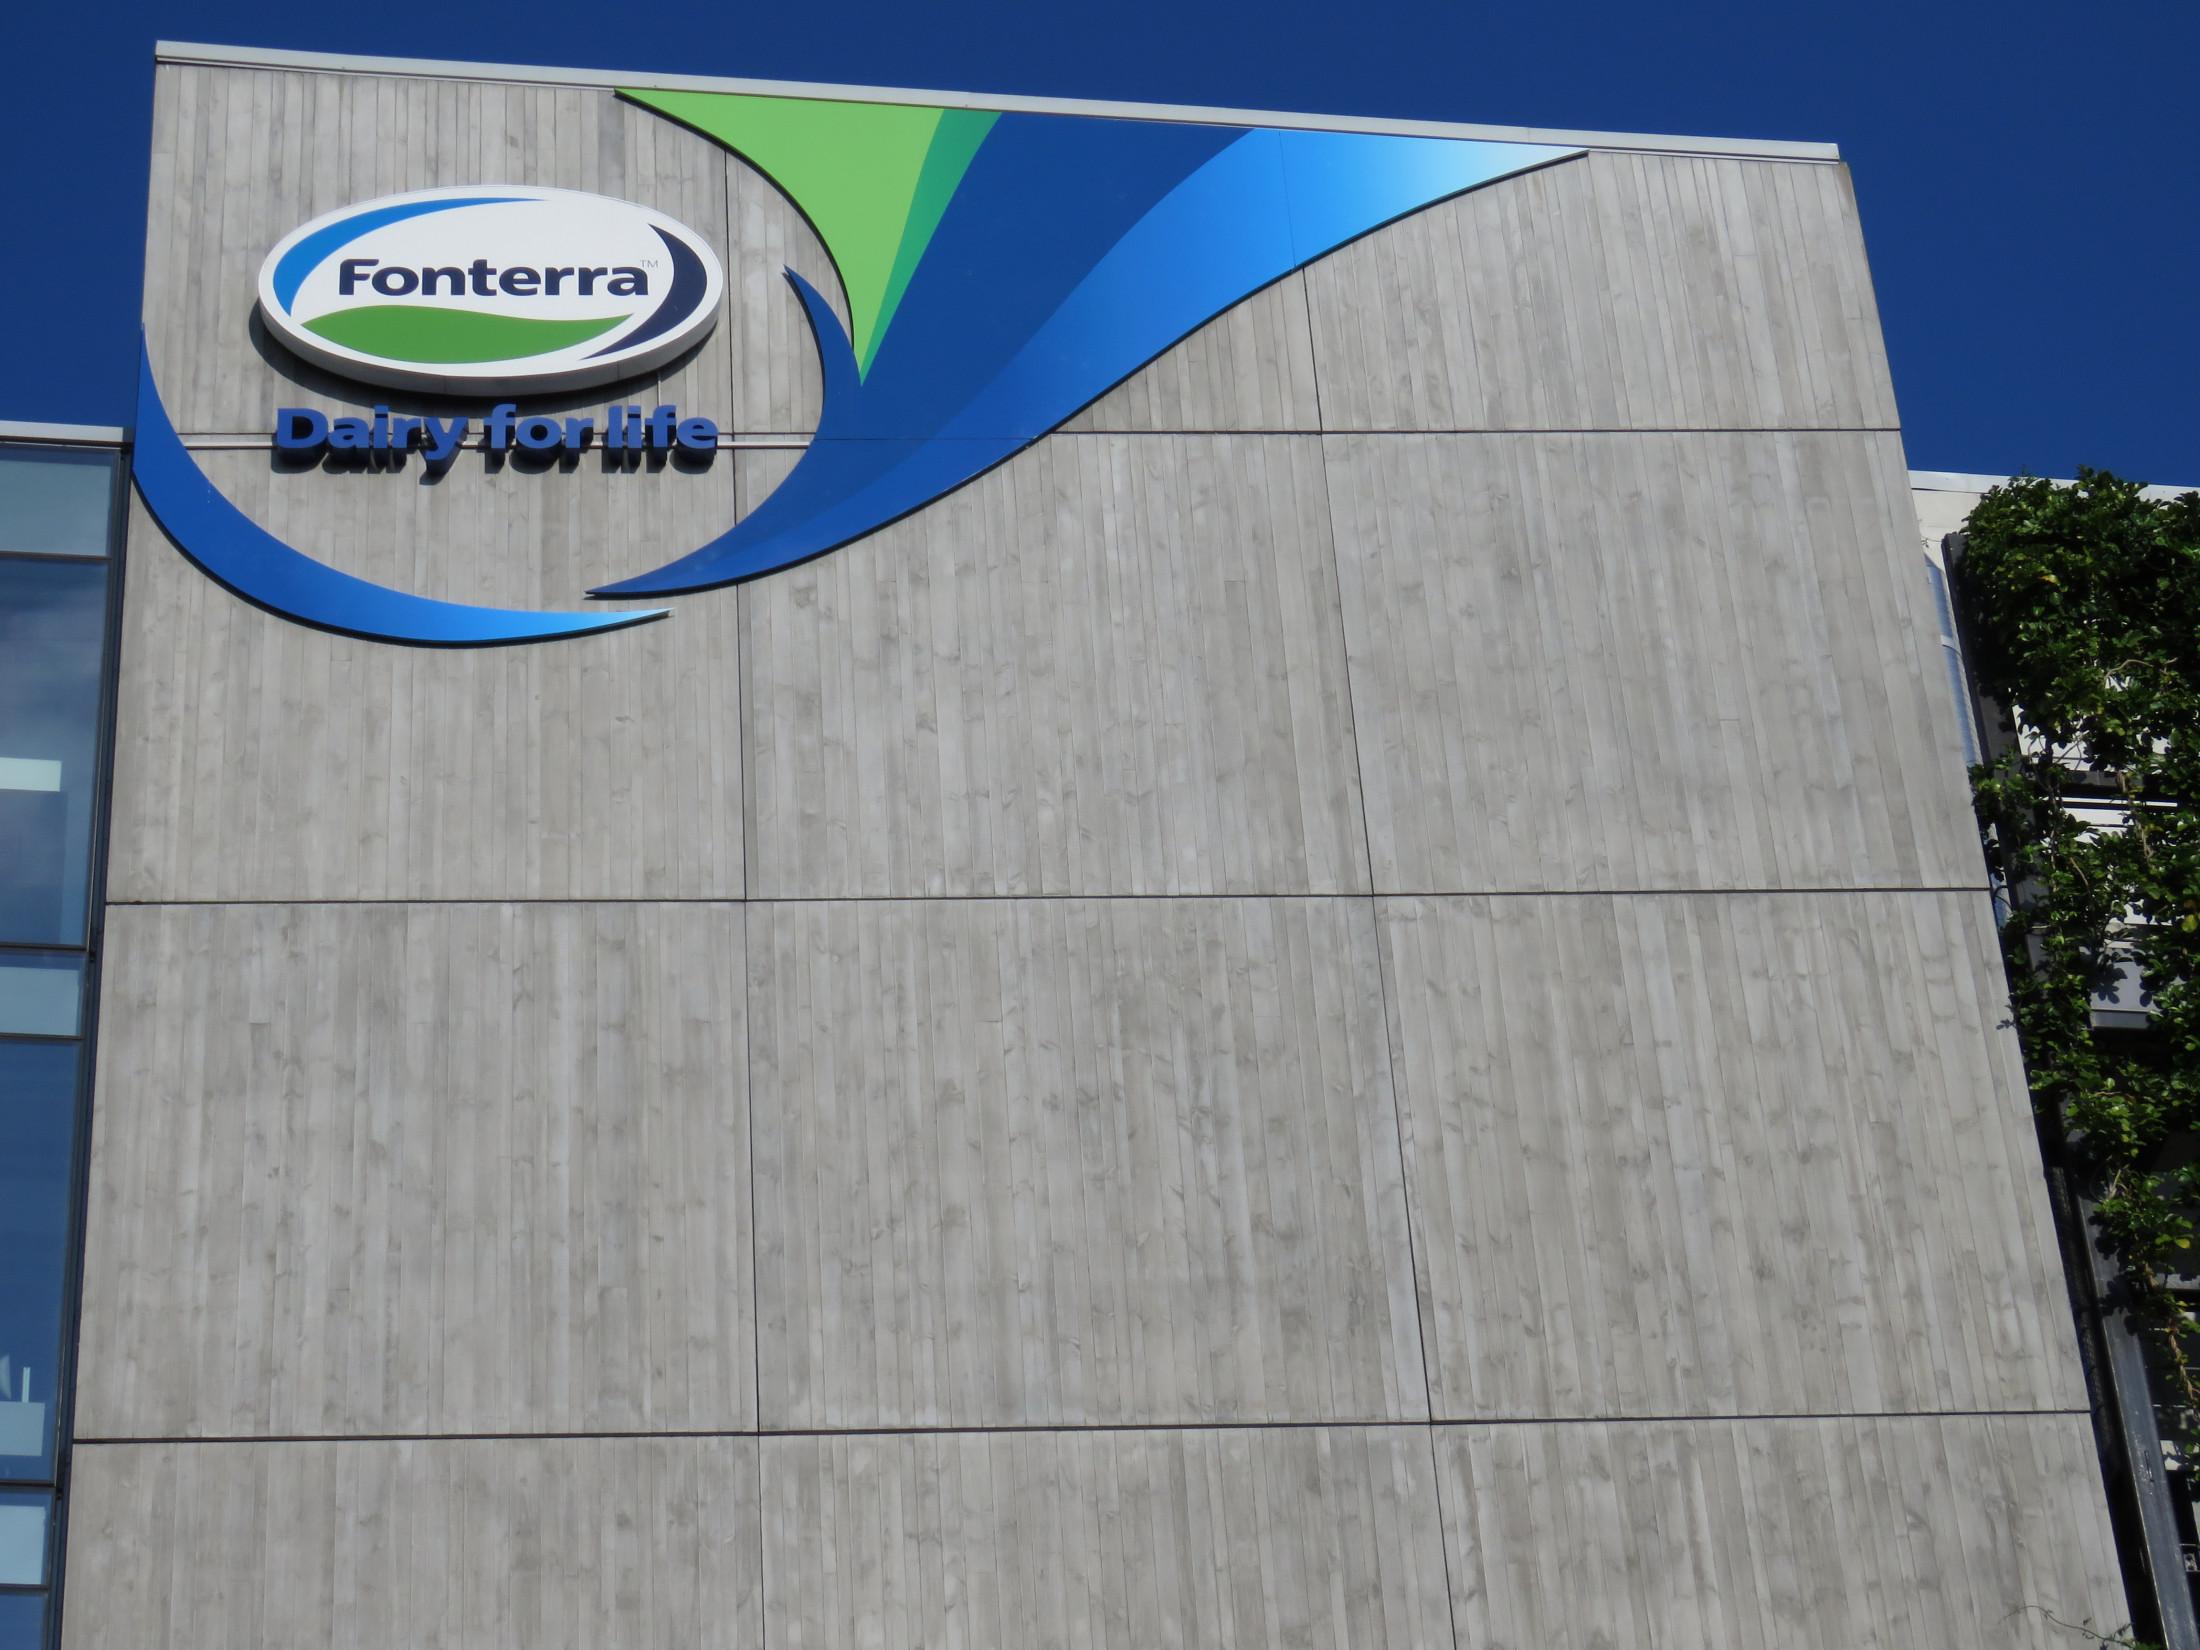 Fontera